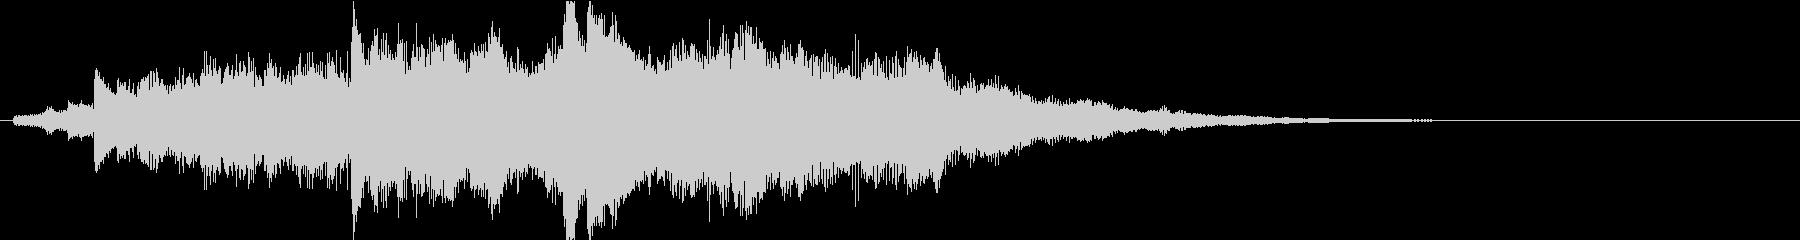 鮮やかなピアノのサウンドロゴの未再生の波形